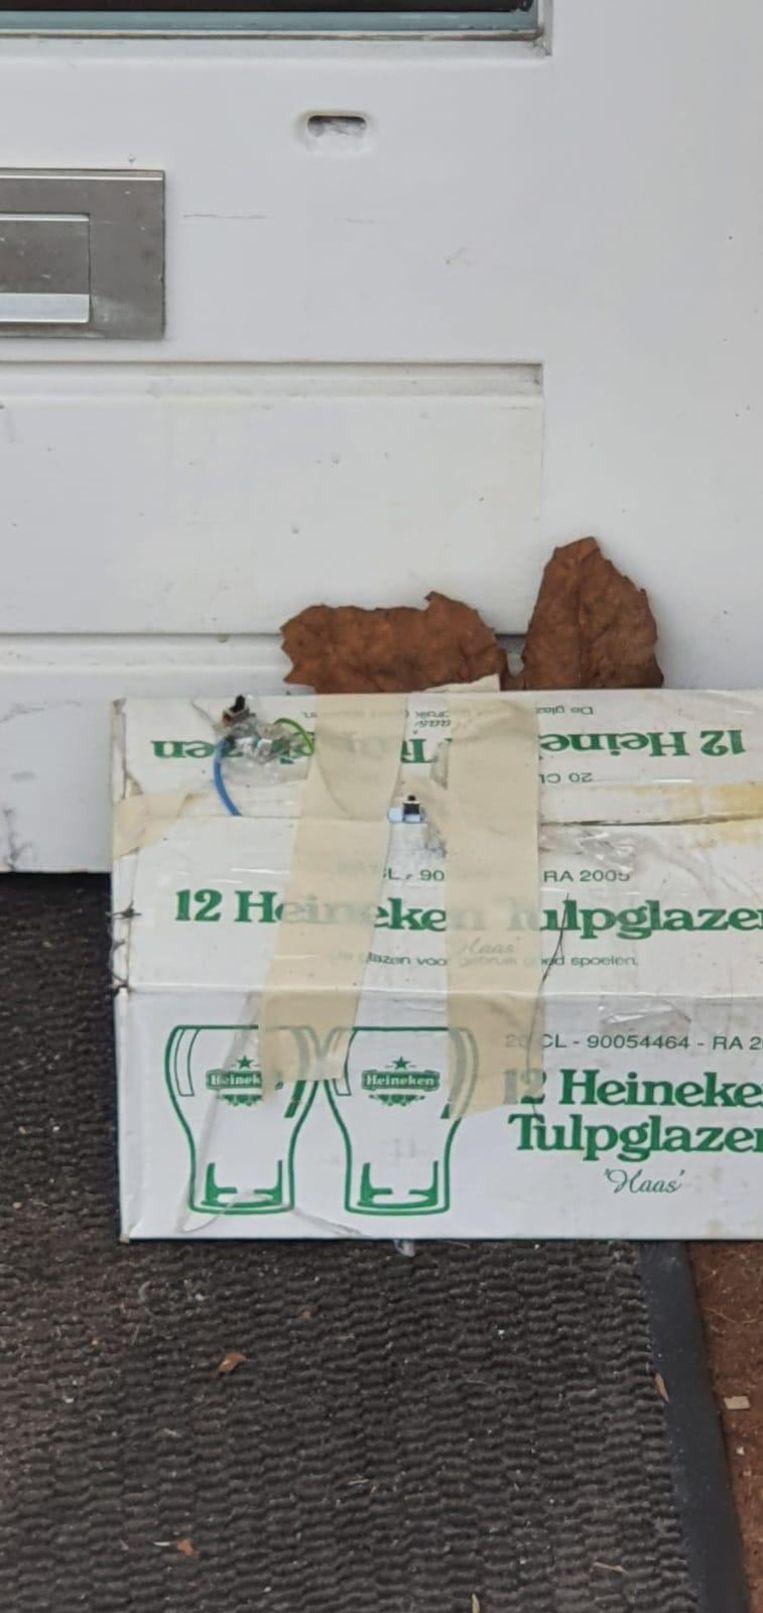 Het verdachte pakketje dat voor restaurant HaCarmel werd aangetroffen. Beeld Federatief Joods NL